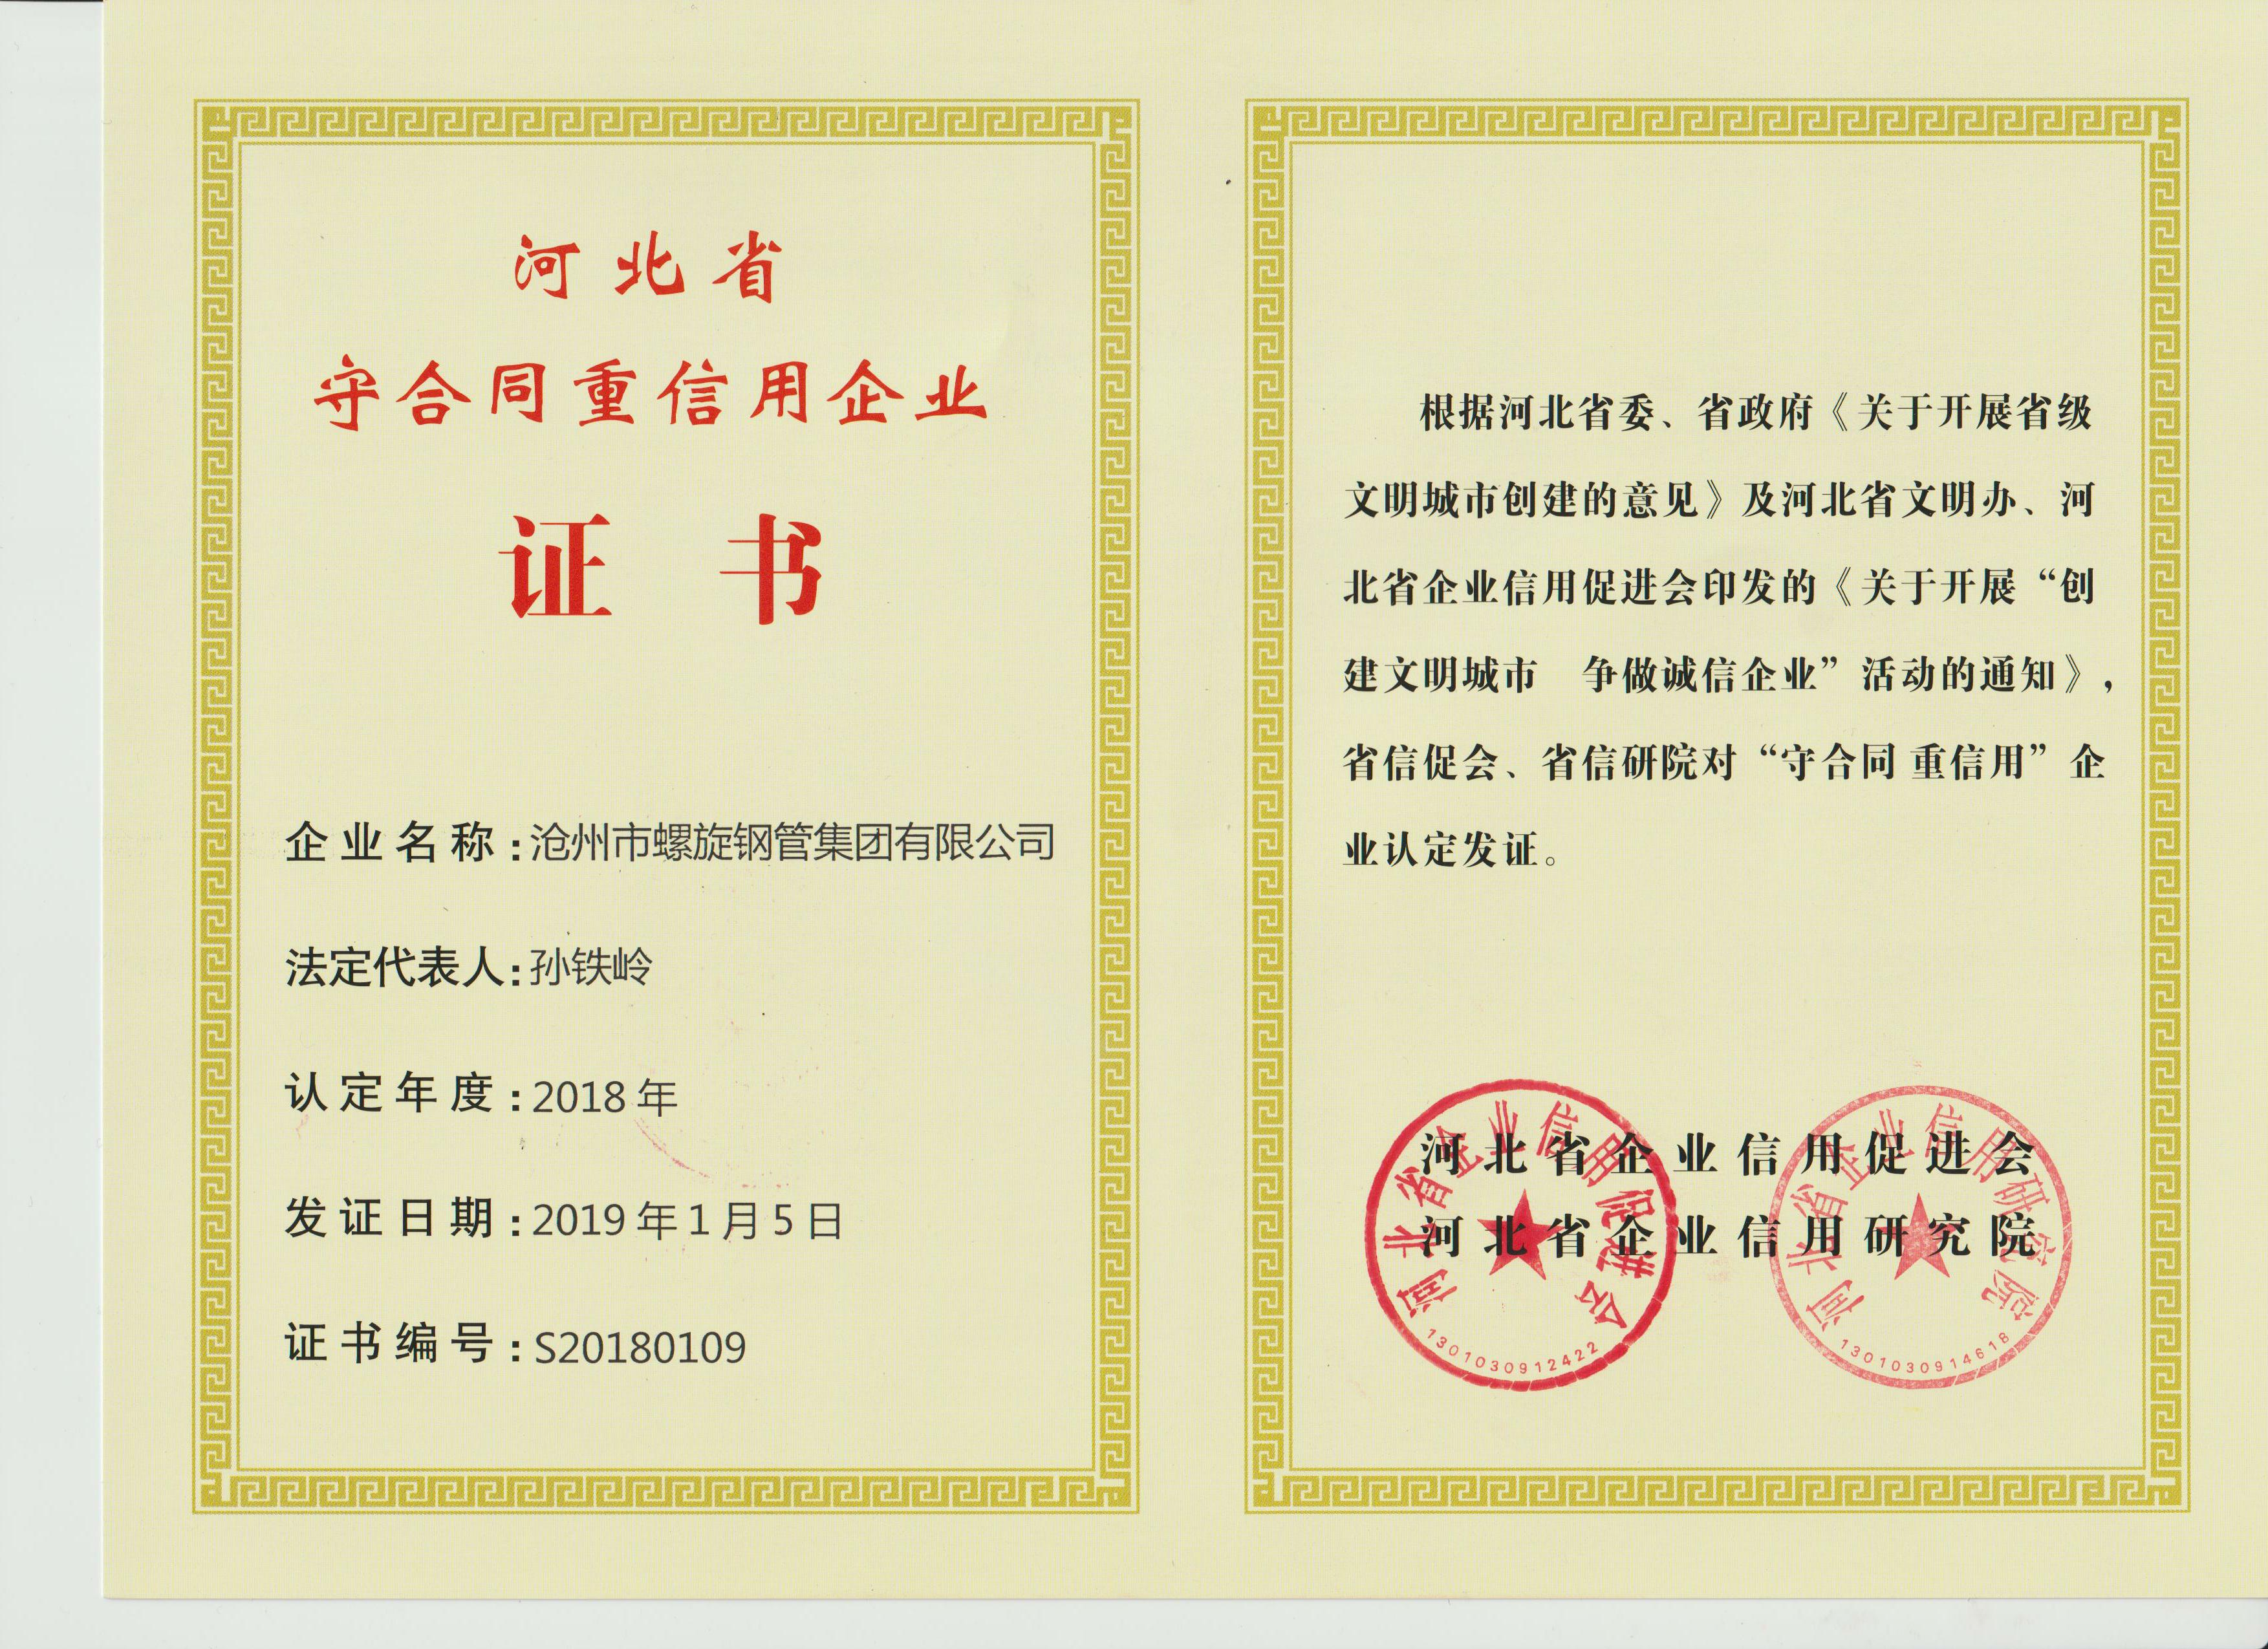 河北省守合同重信用企业证书2019